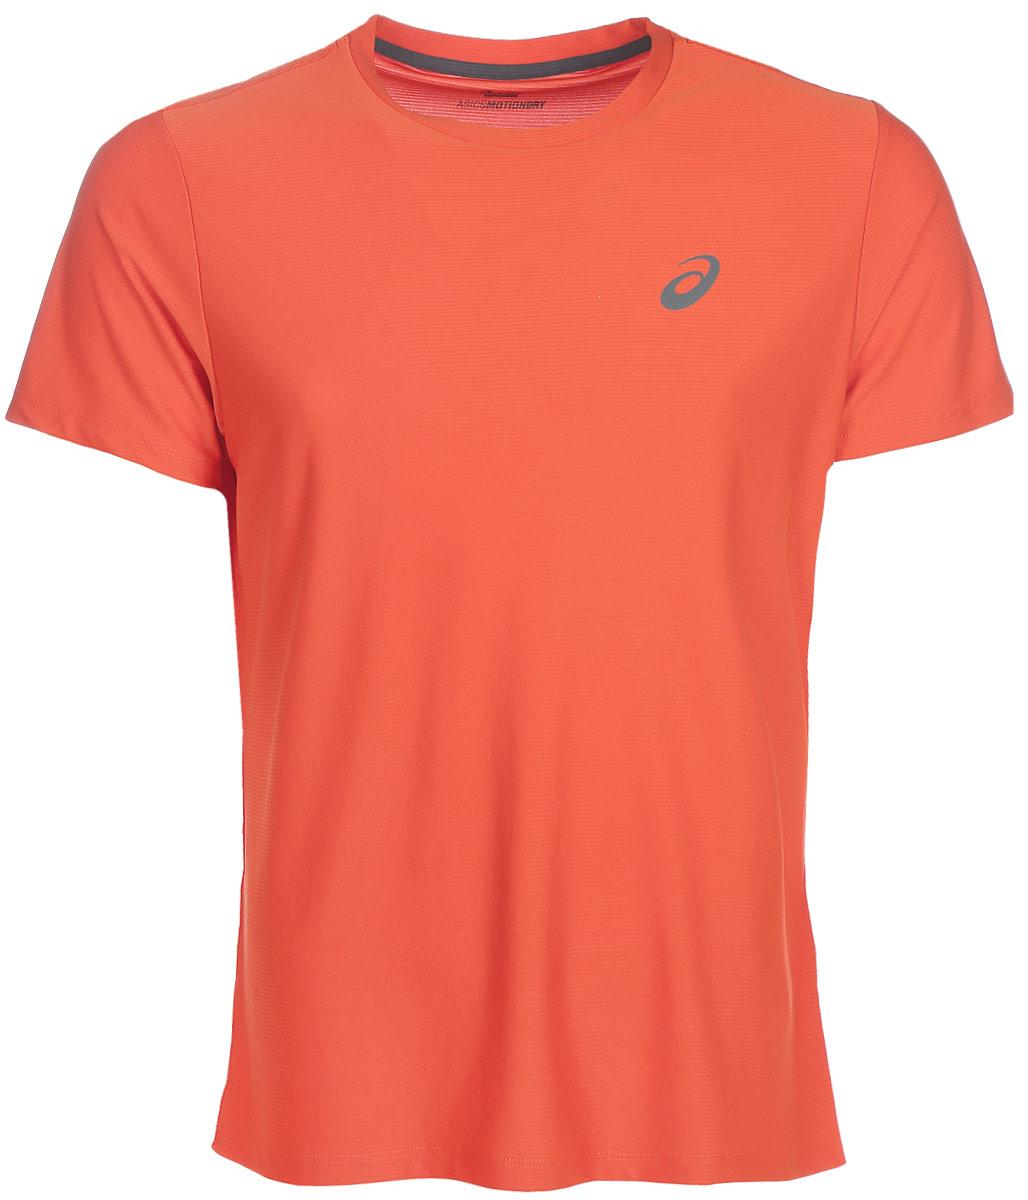 Футболка для бега мужская Asics SS Top, цвет: коричневый. 134084-0516. Размер M (48/50)134084-0516Стильная мужская футболка для бега Asics SS Top, выполненная из высококачественного полиэстера, обладает высокой воздухопроницаемостью и превосходно отводит влагу от тела, оставляя кожу сухой даже во время интенсивных тренировок. Такая футболка великолепно подойдет как для повседневной носки, так и для спортивных занятий.Модель с короткими рукавами и круглым вырезом горловины - идеальный вариант для создания модного современного образа. Футболка оформлена светоотражающим логотипом на груди и контрастной полоской на спинке. Такая футболка идеально подойдет для занятий спортом и бега. В ней вы всегда будете чувствовать себя уверенно и комфортно.